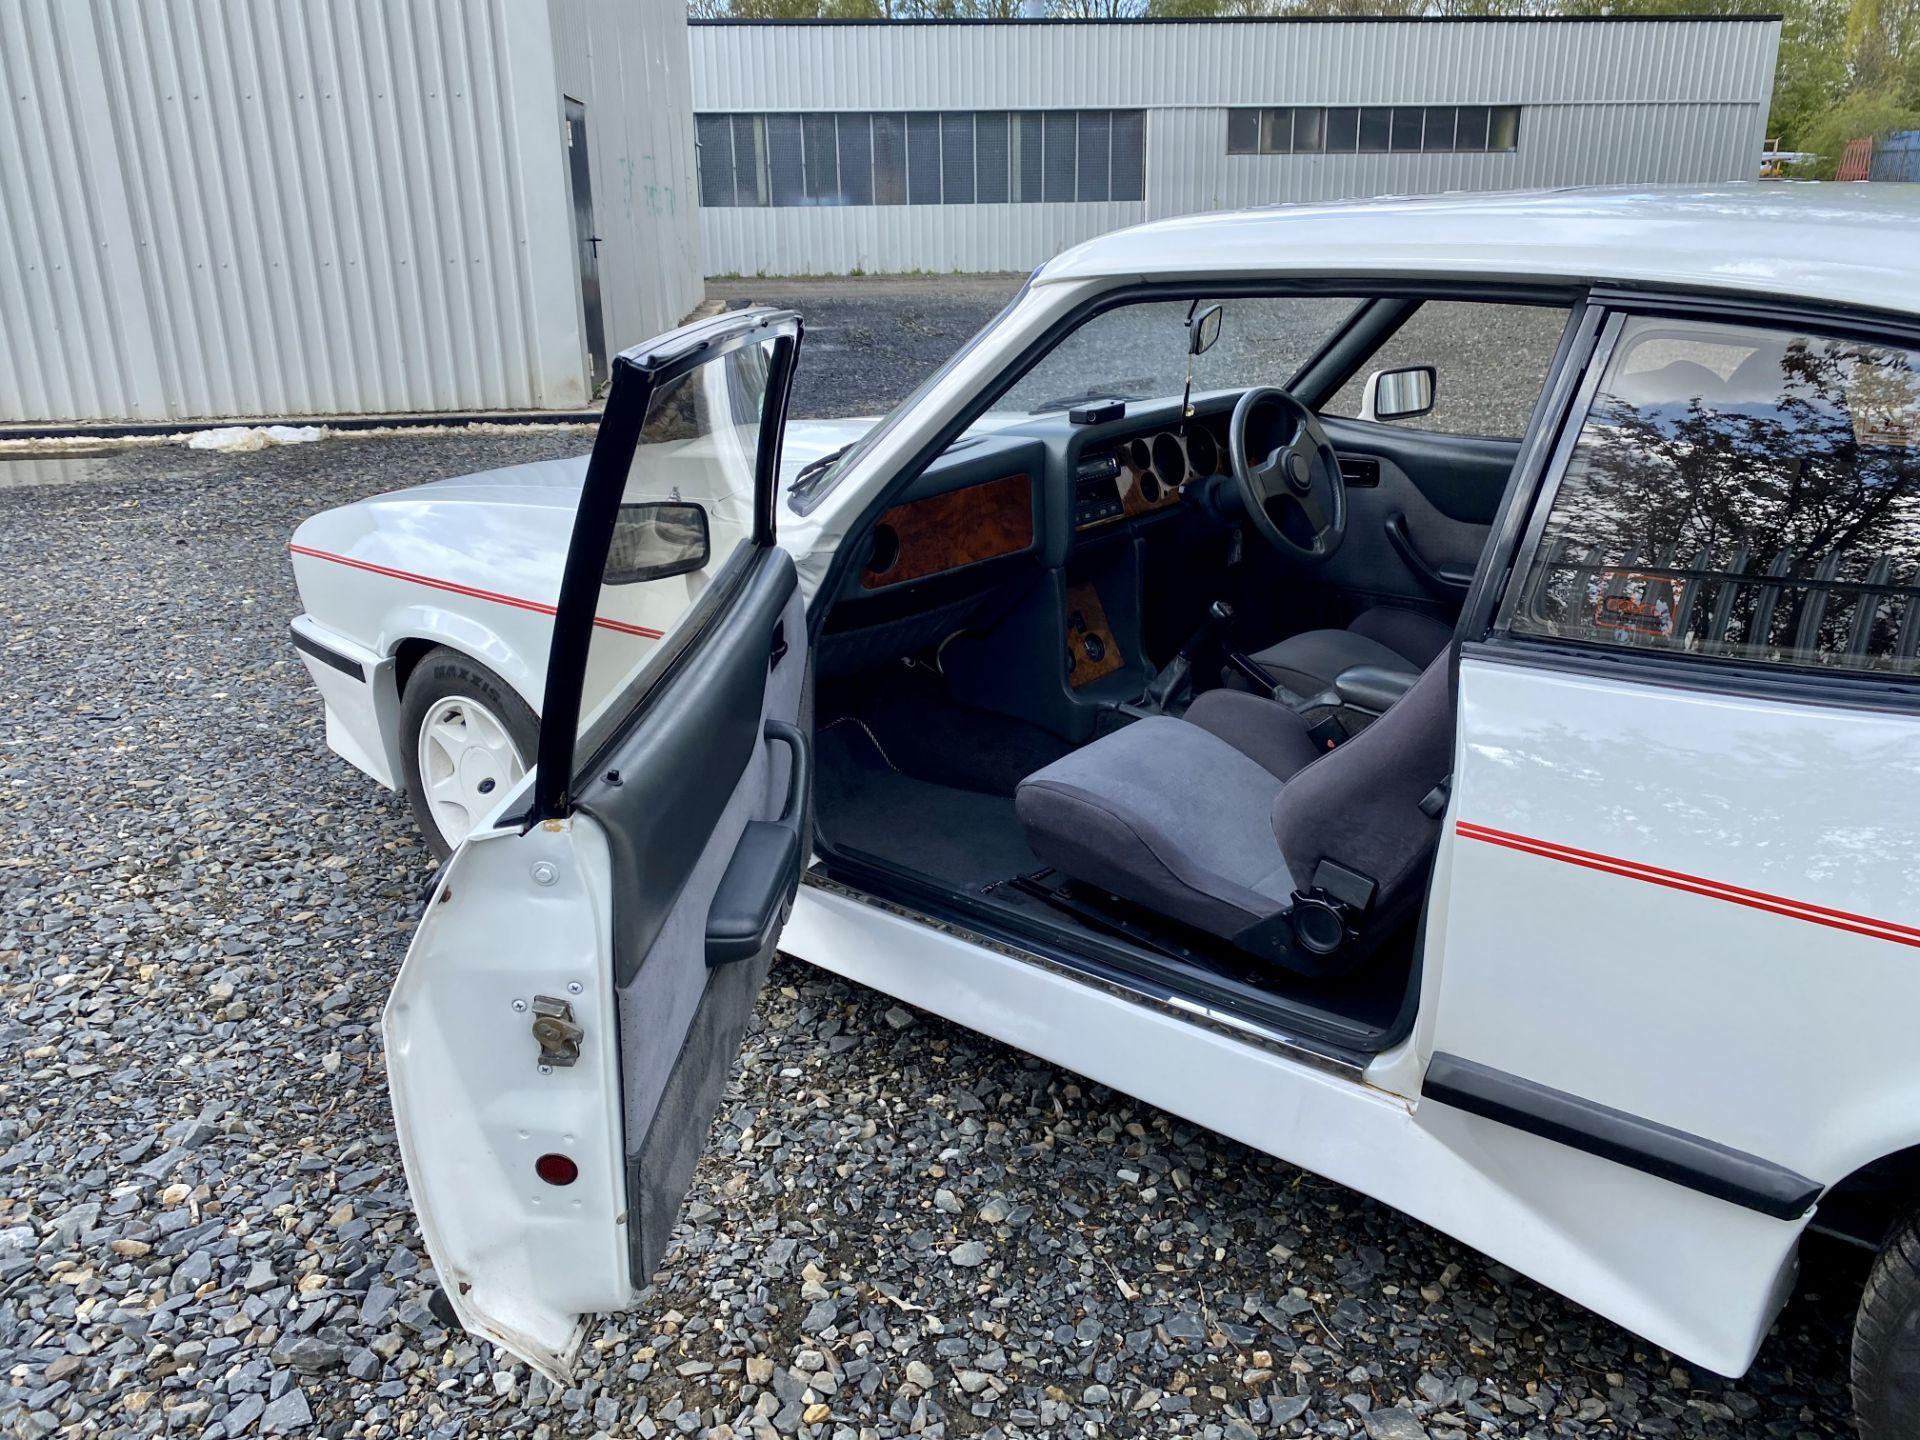 Ford Capri Tickford Turbo - Image 46 of 62